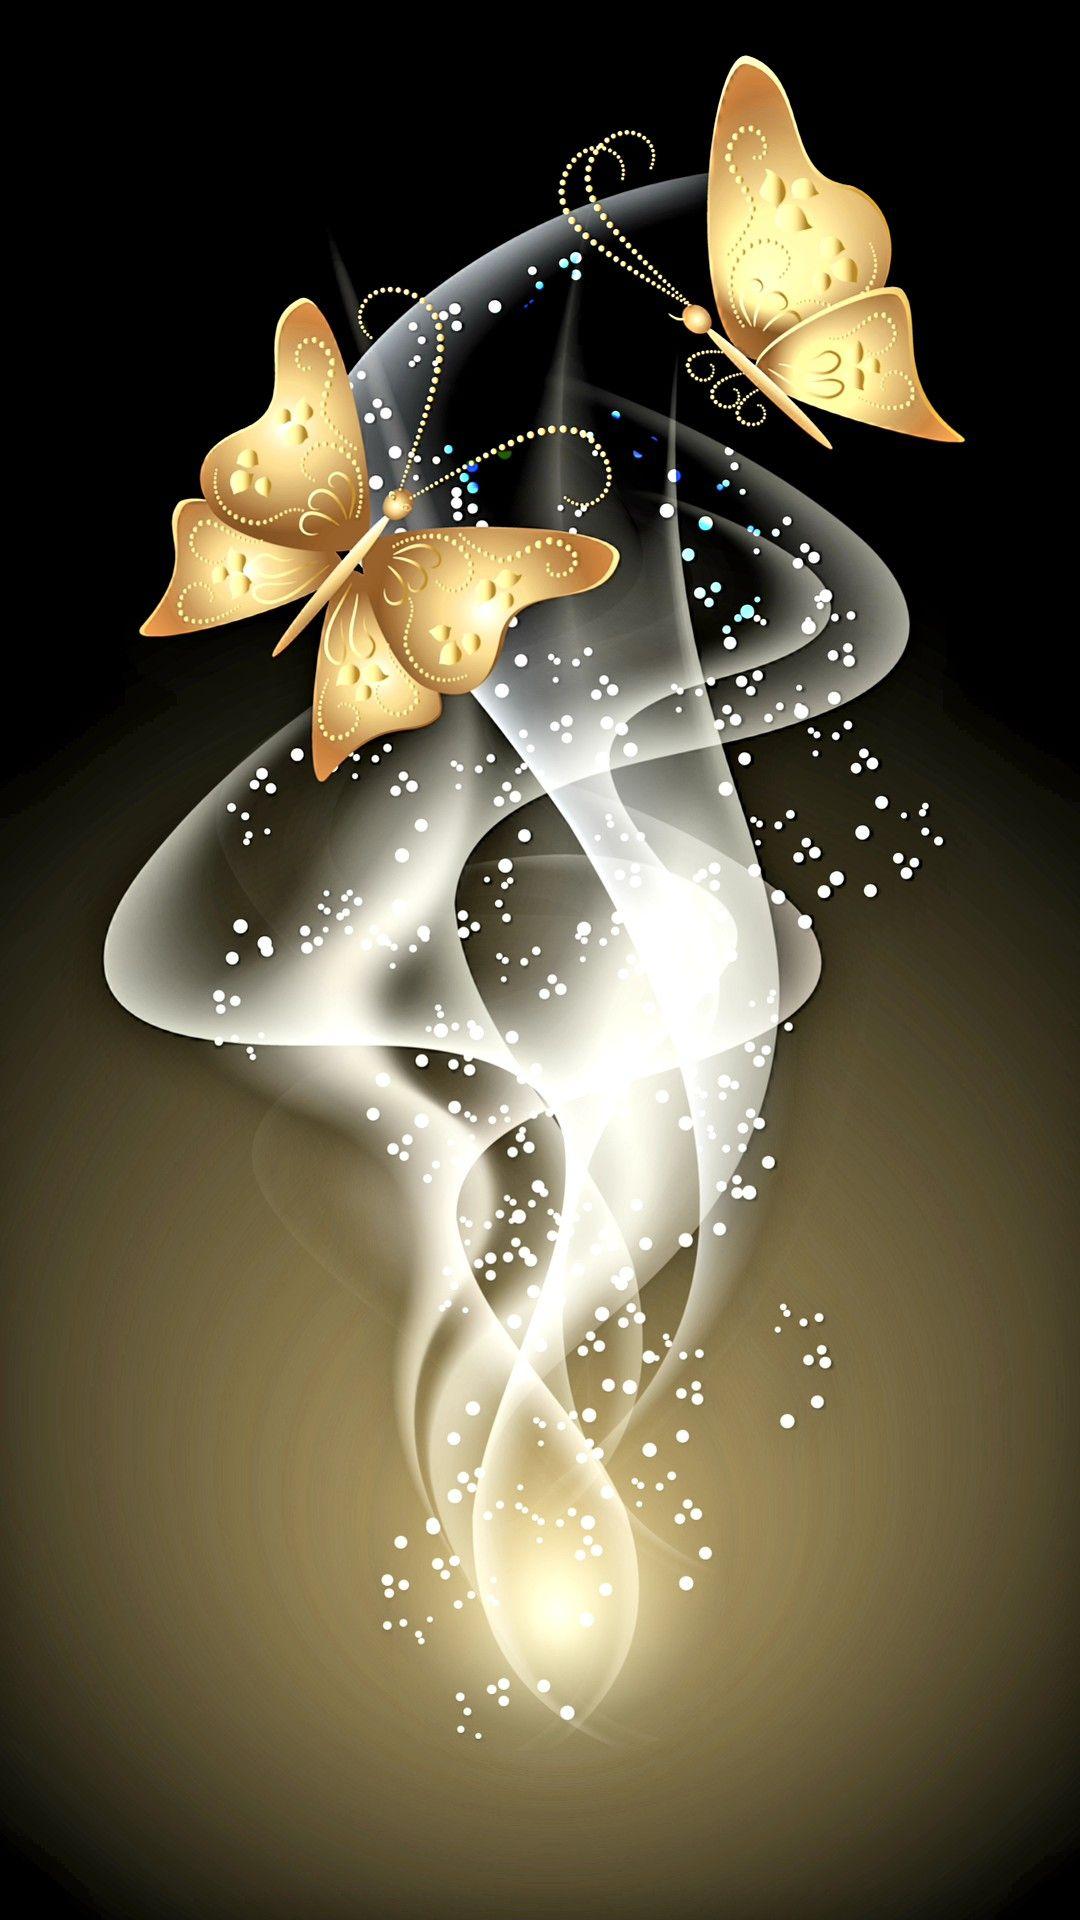 Papillons | Fond d'écran coloré, Fond d'écran papillon ...